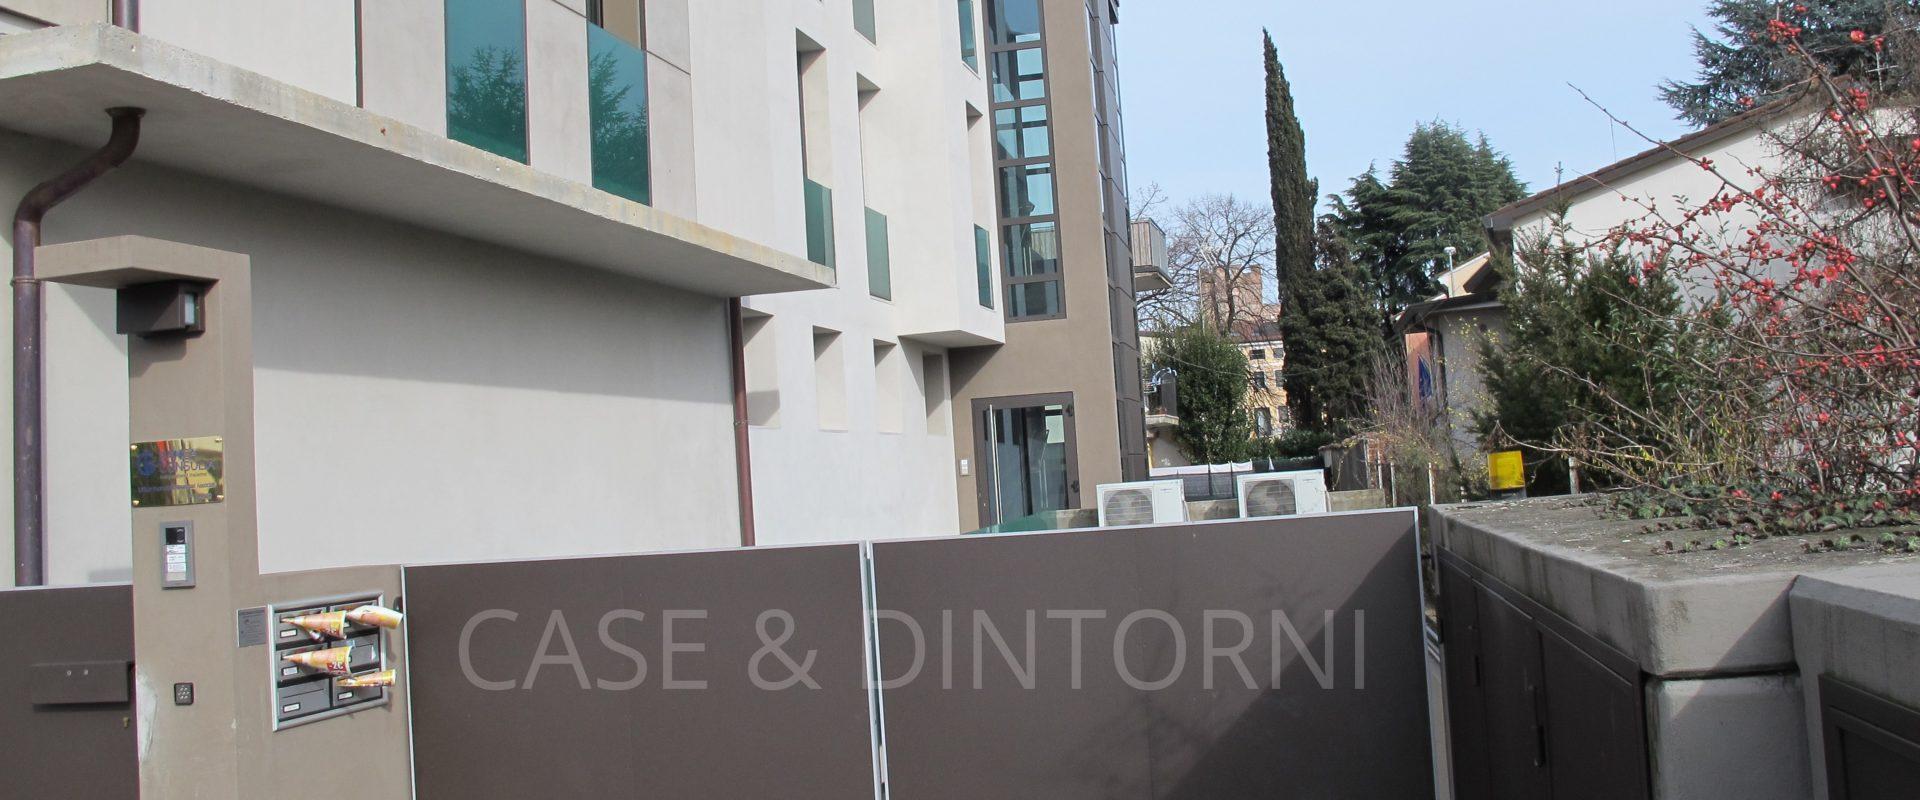 Appartamento in vendita a pochi passi dal centro storico di Cittadella